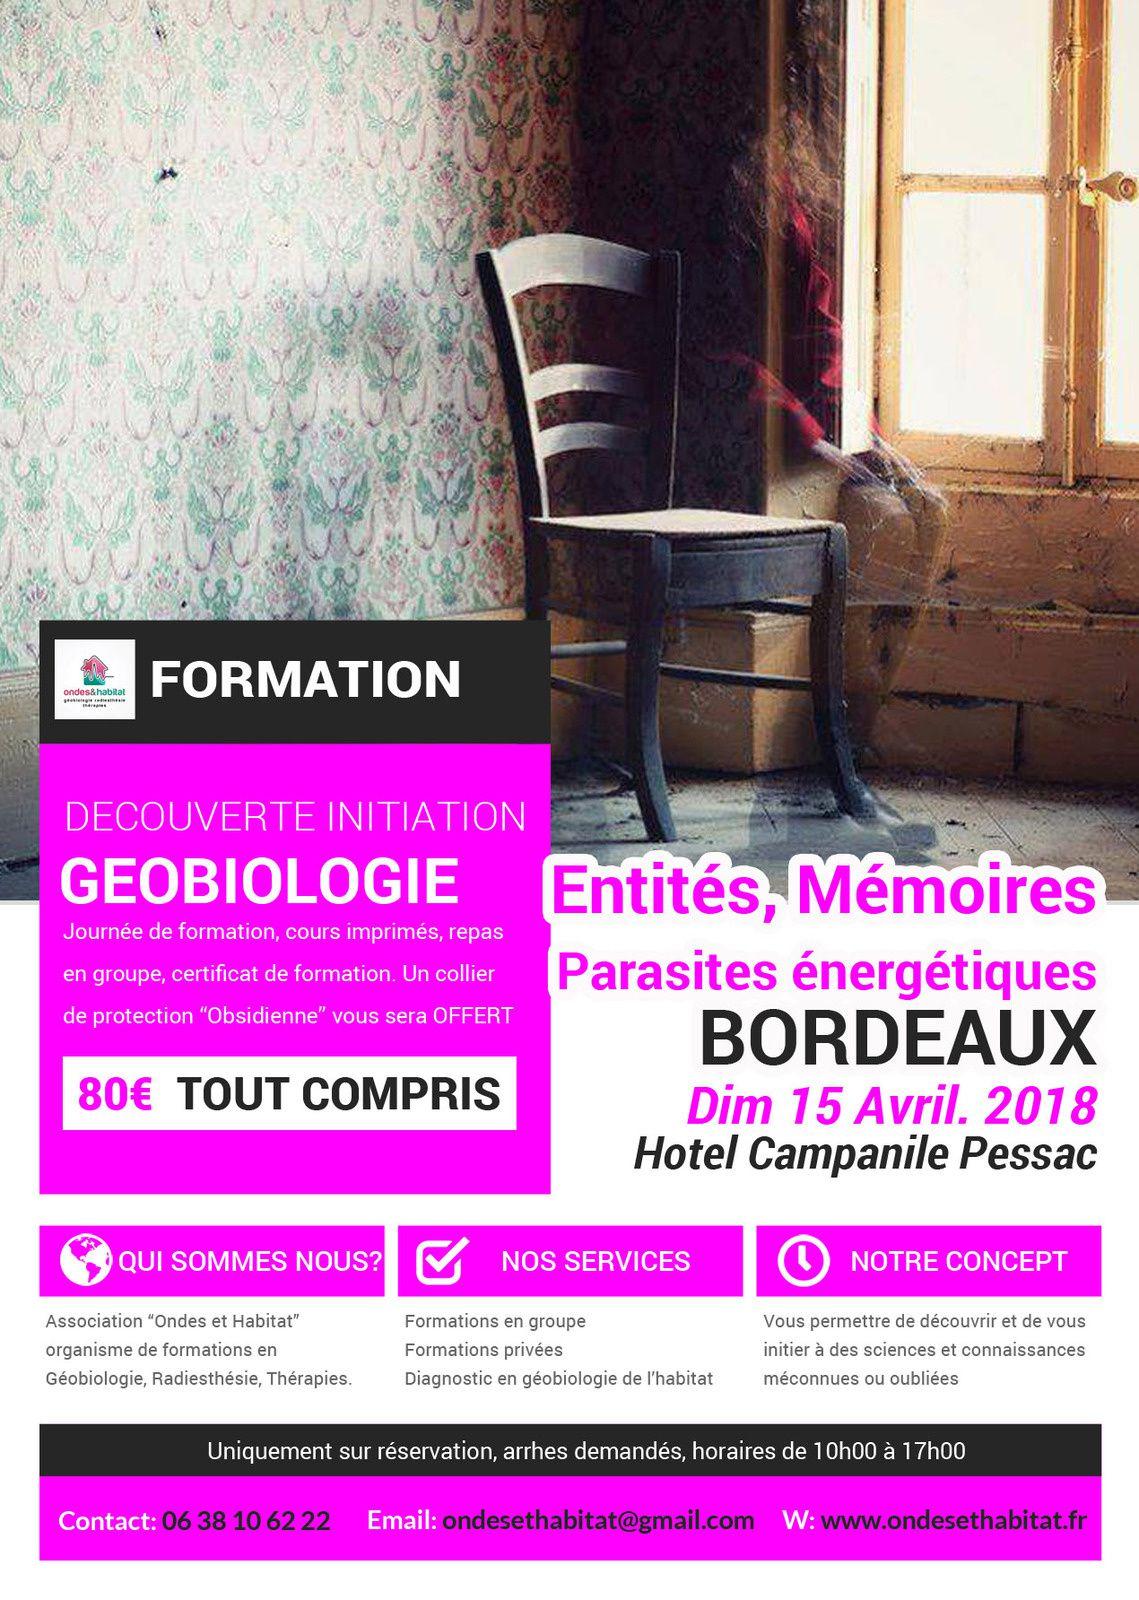 """BORDEAUX-Formation Découverte Initiation : """"ENTITÉS, MEMOIRES & PARASITES"""" 15 avril 2018"""